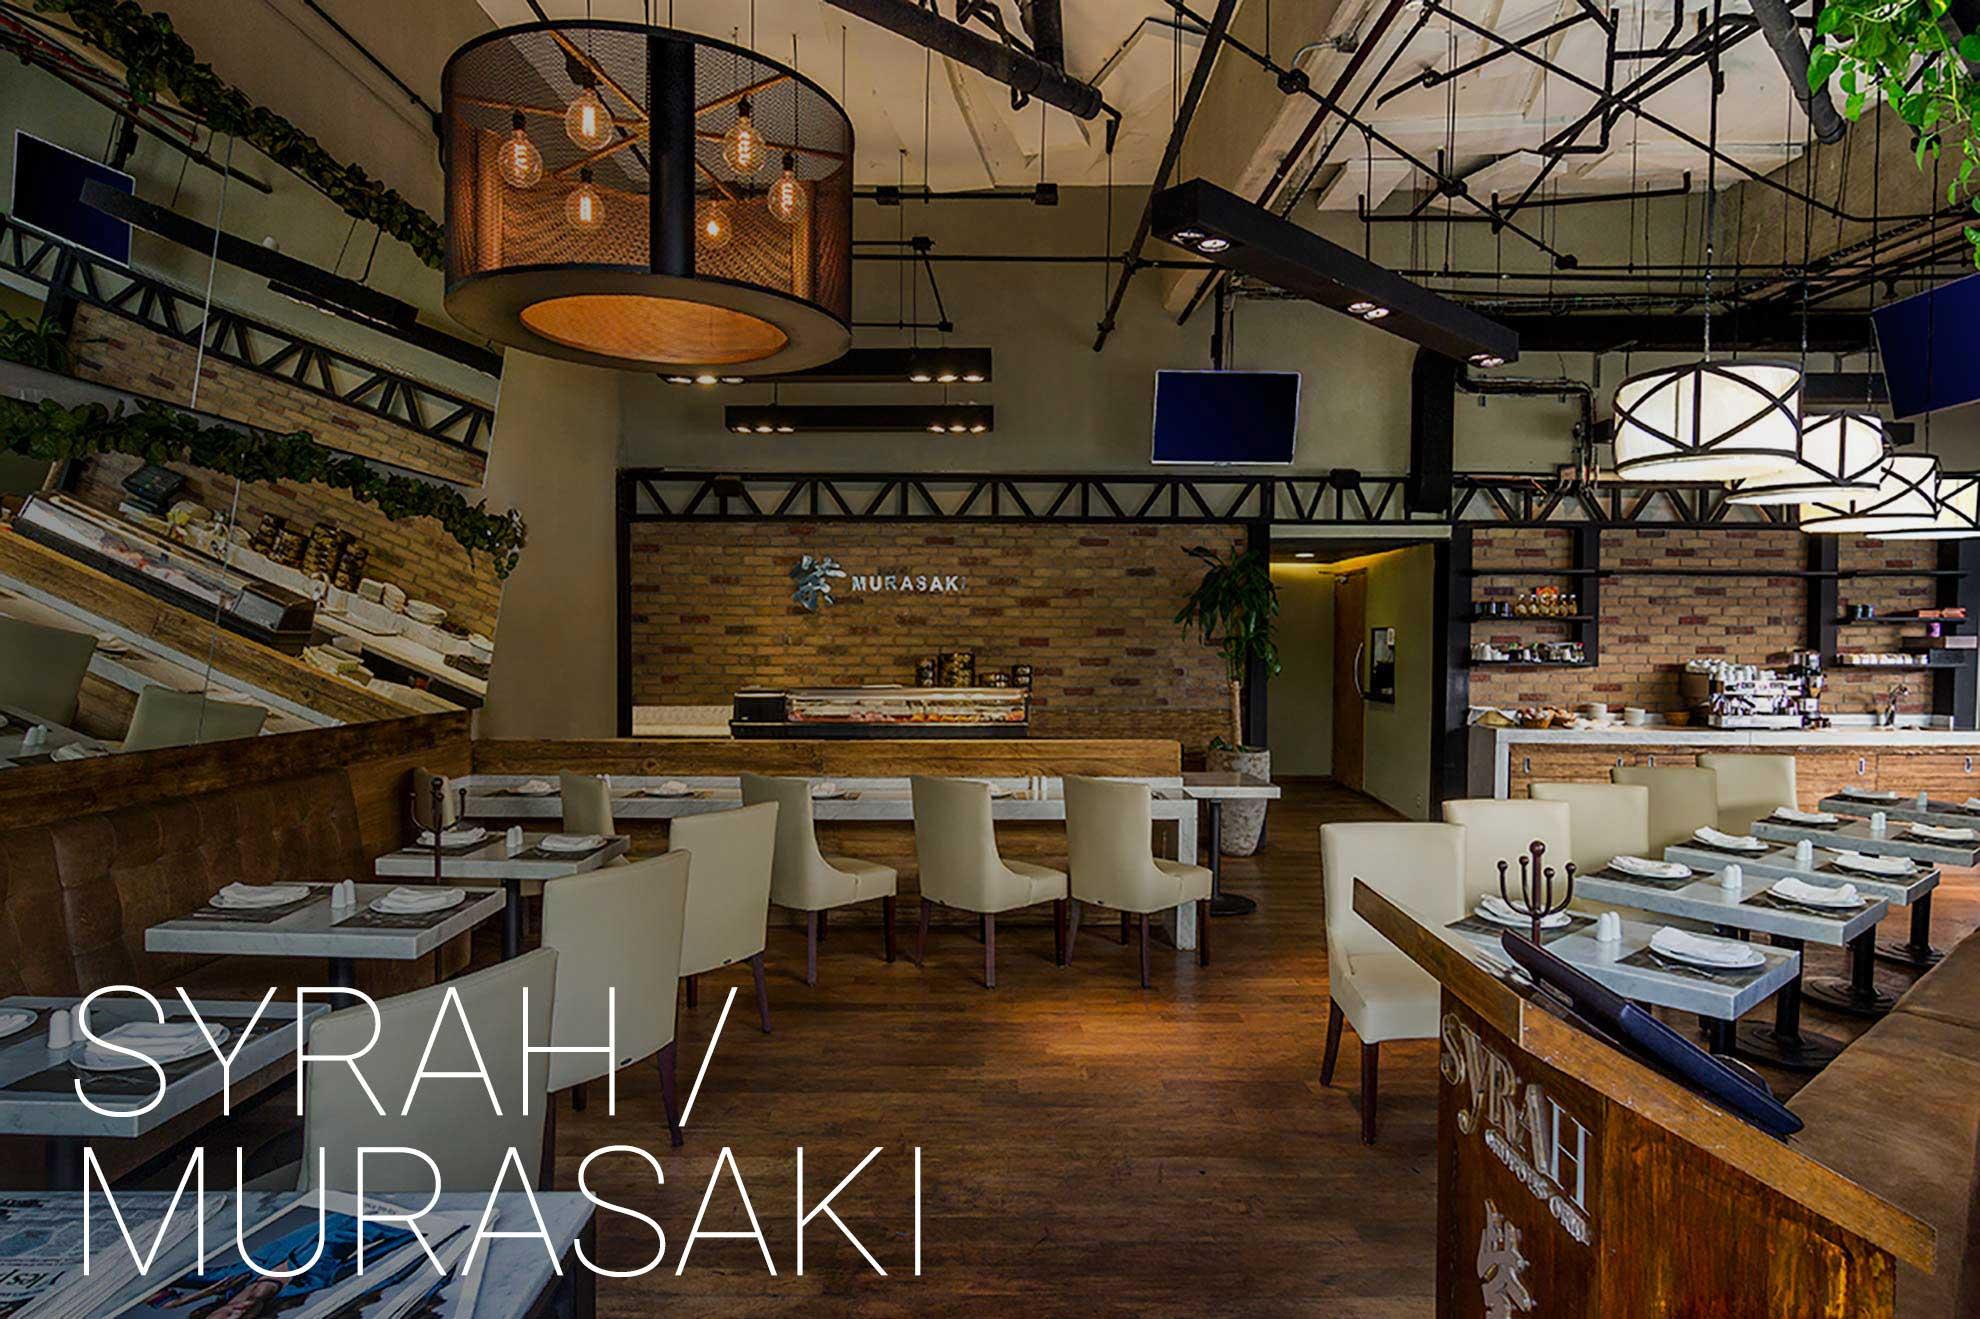 Restaurante de comida Asiática y Mediterránea ubicados en el centro comercial Antara Polanco, su decoración y diseño fueron llevados a cabo por el despacho de arquitectura de interiores Depa 102